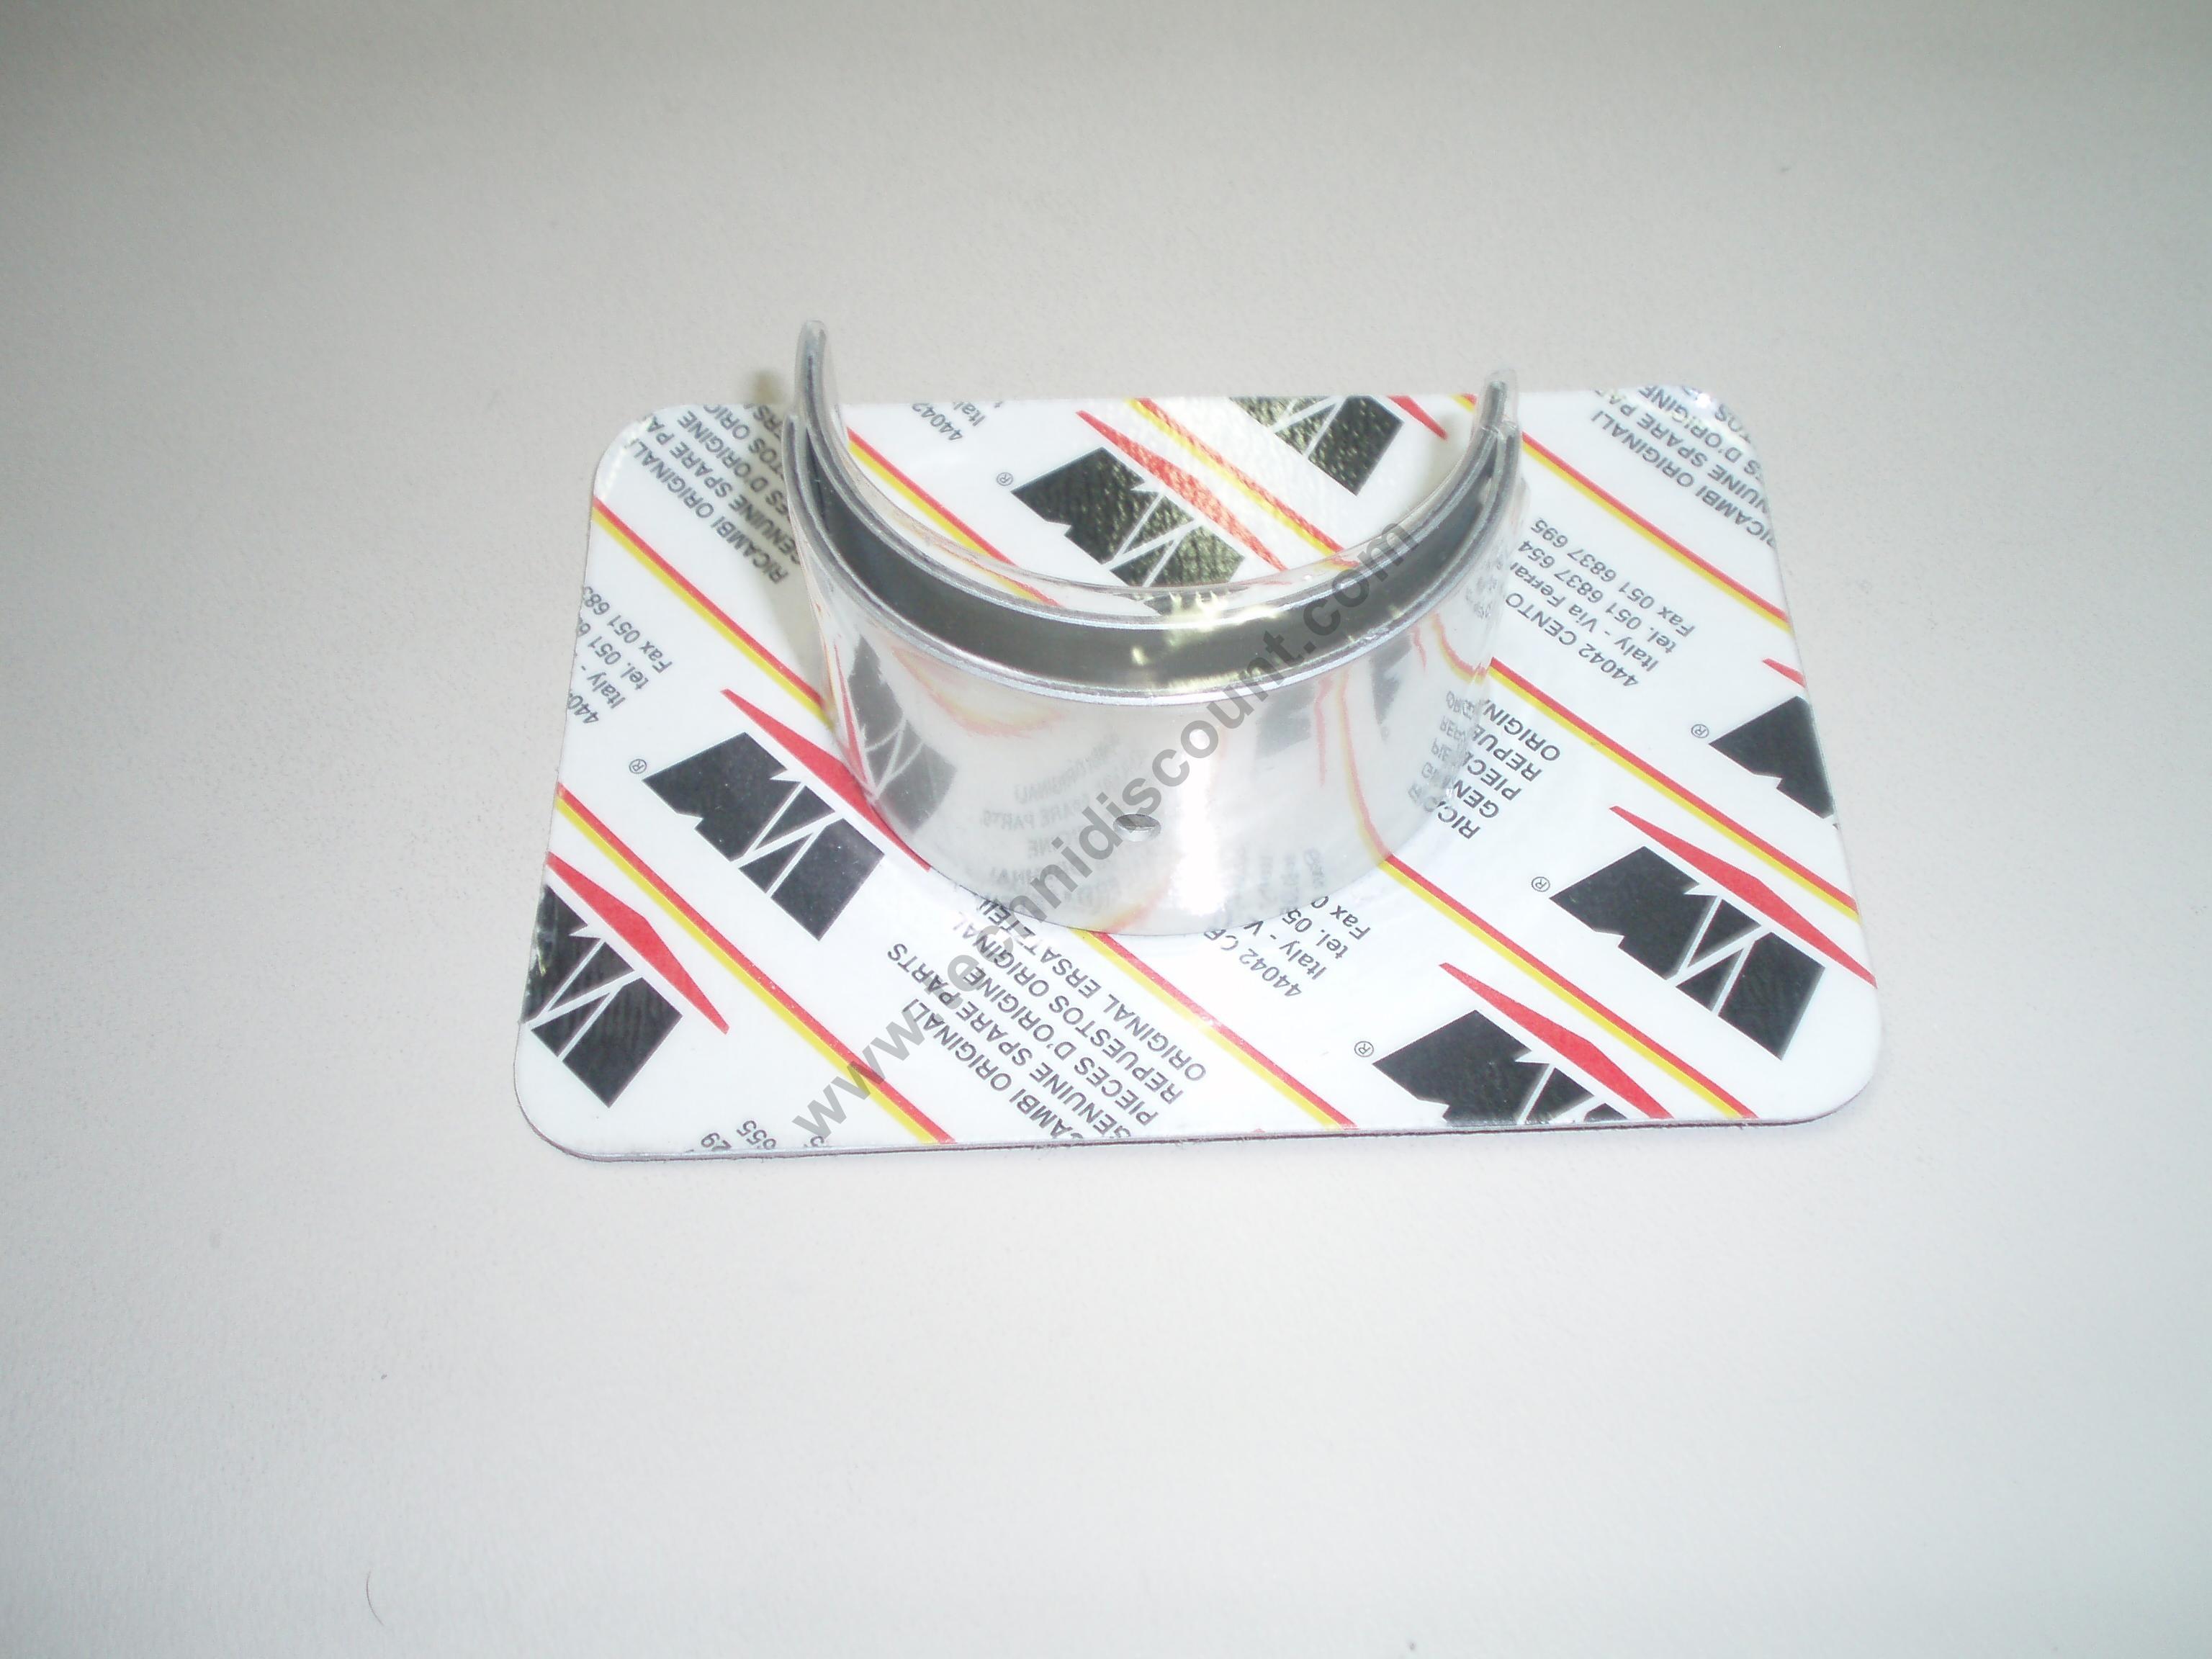 Coussinet bielle VM1051 VM1052 VM1053 VM1054 VM1056 VM Motori - 10300087A Ex. 10300015A